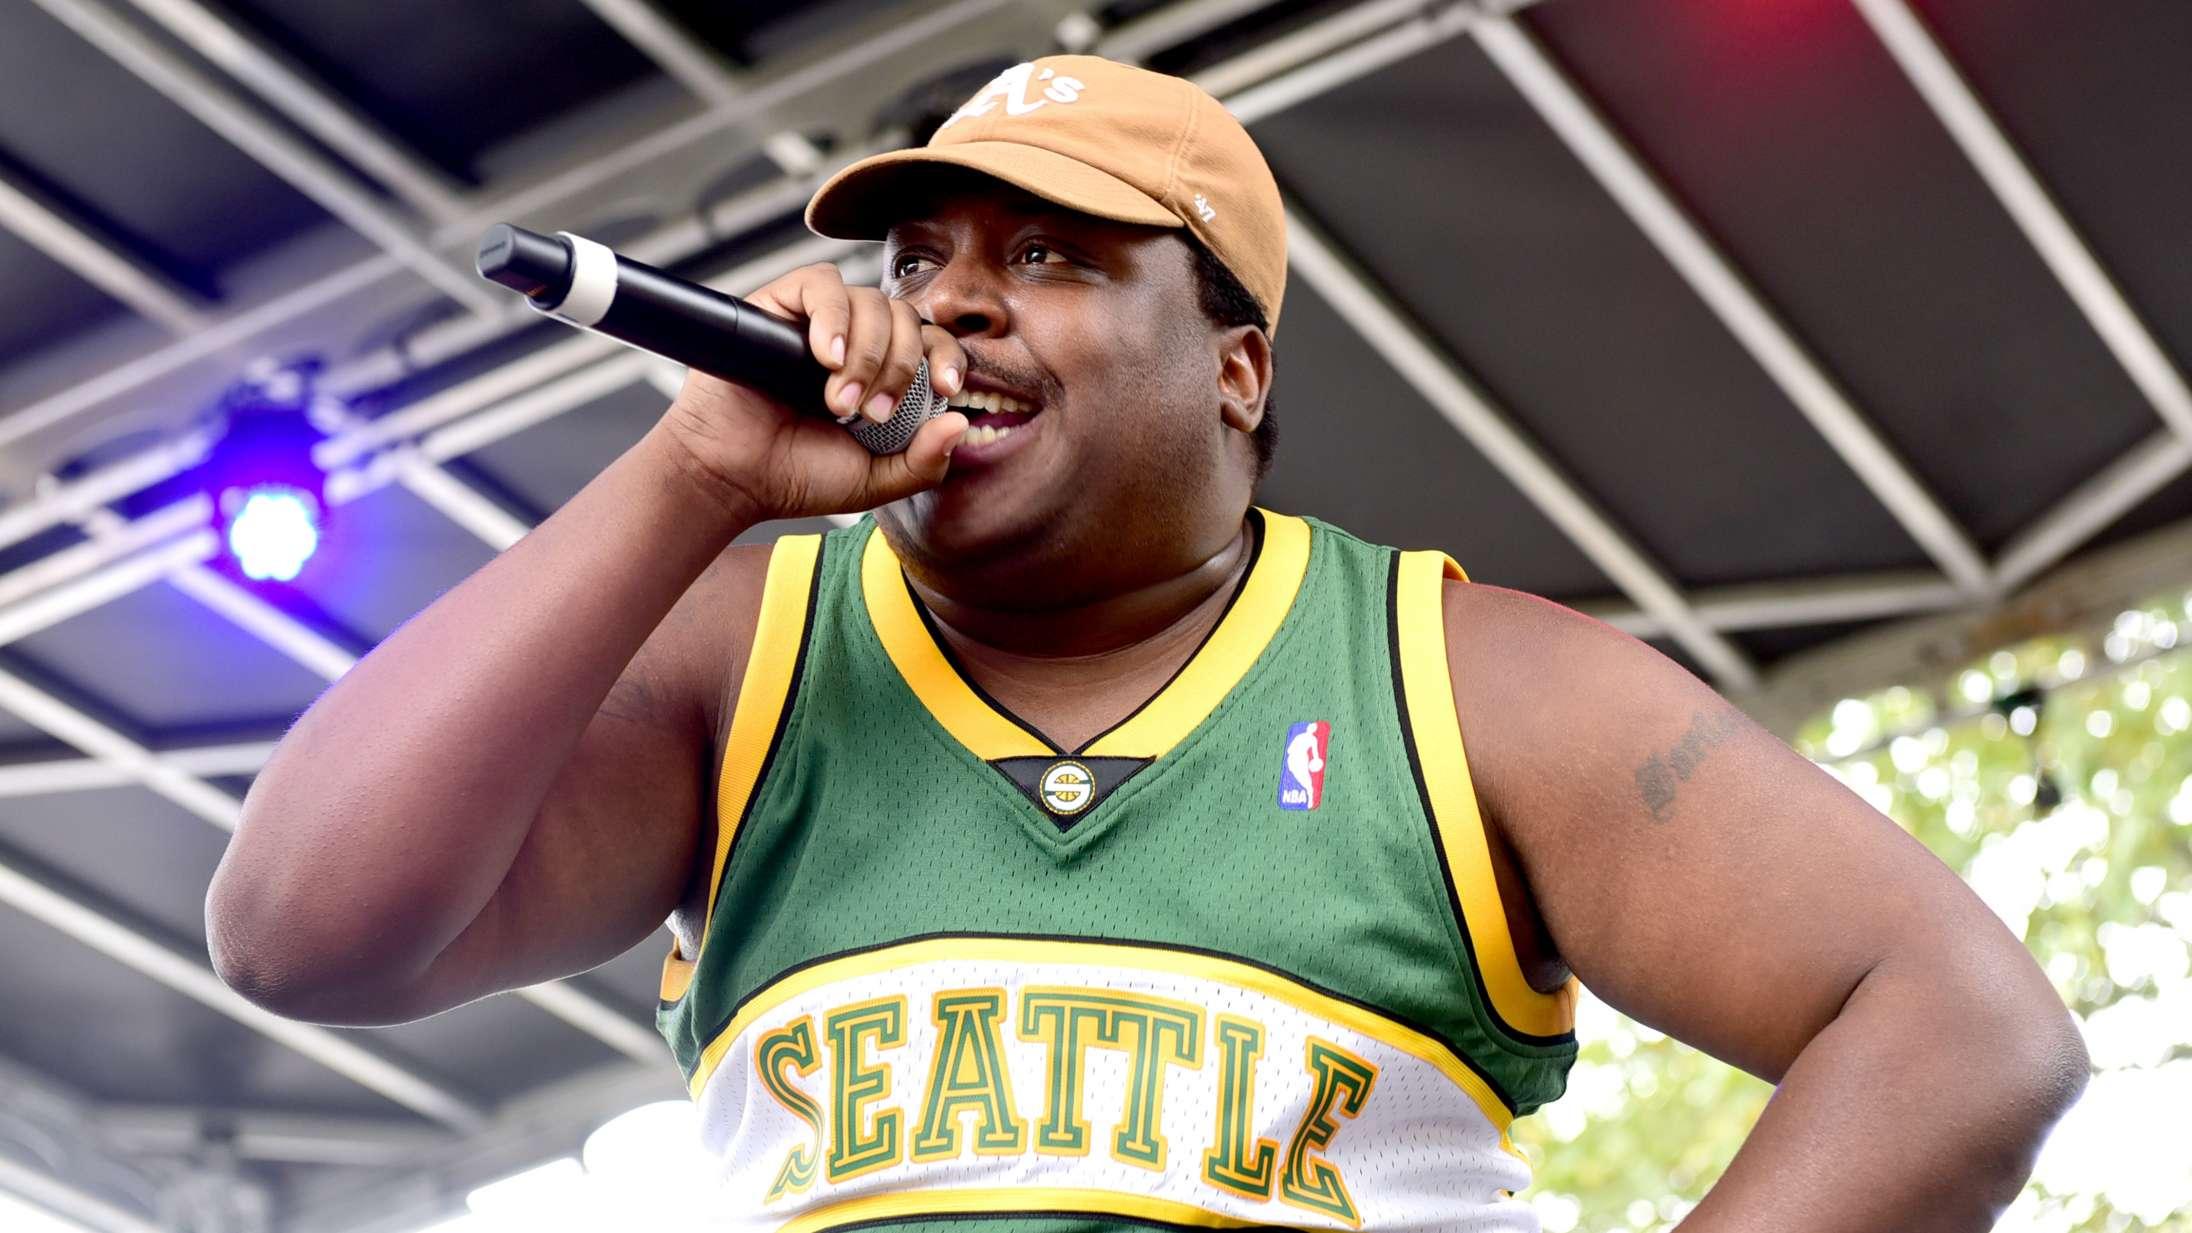 Jordan Groggs fra rapgruppen Injury Reserve er død – han blev 32 år gammel